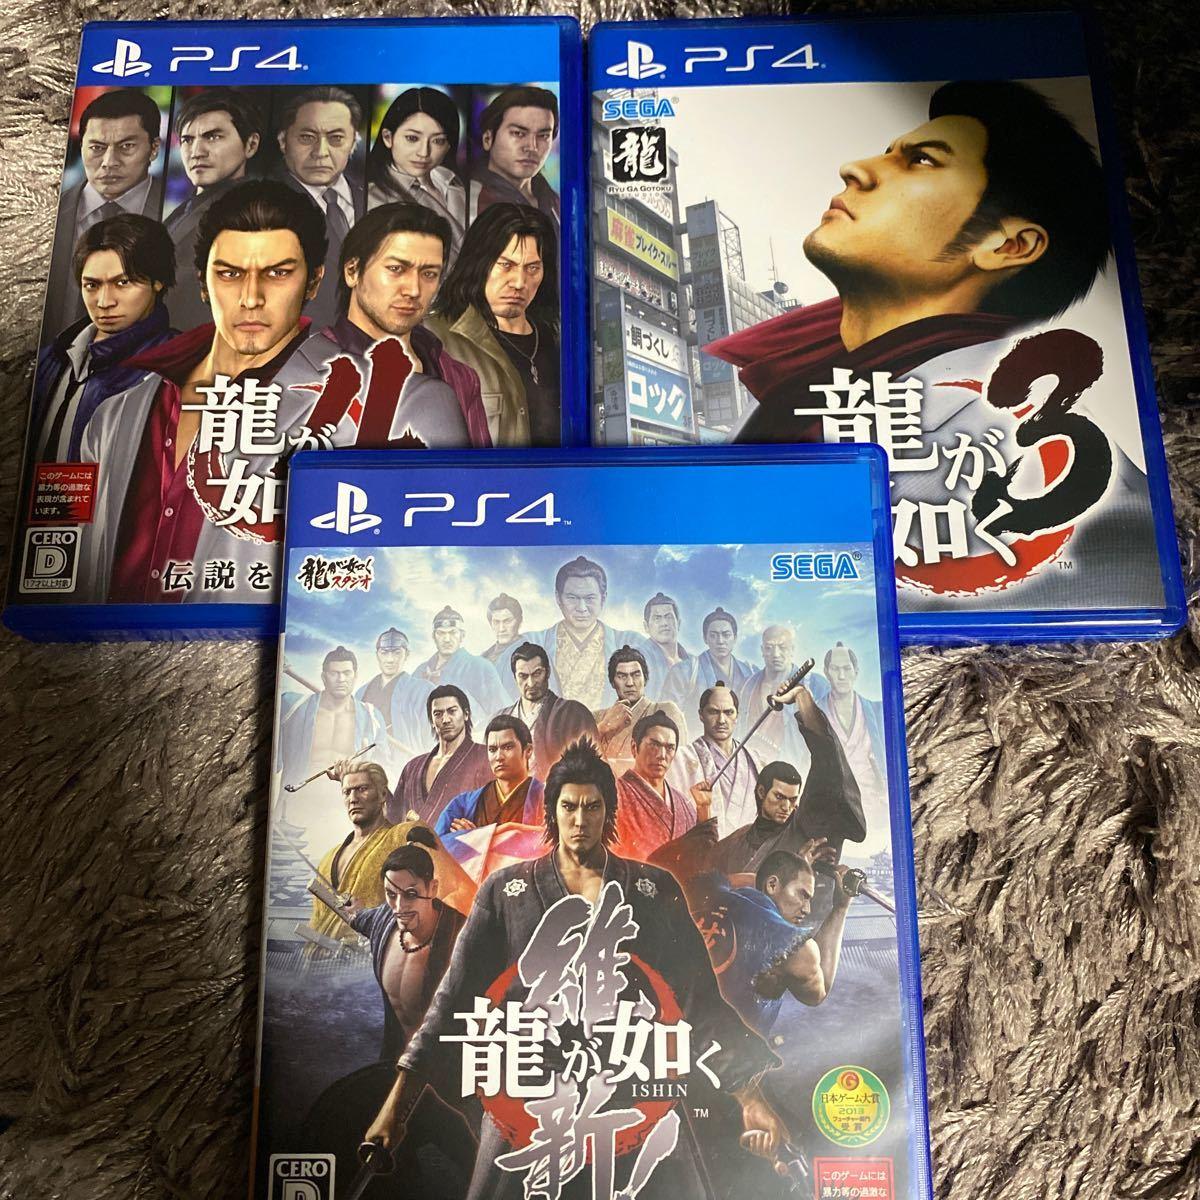 【PS4】 龍が如く4 伝説を継ぐもの        [PS4] 龍が如く3  [PS4] 龍が如く維新